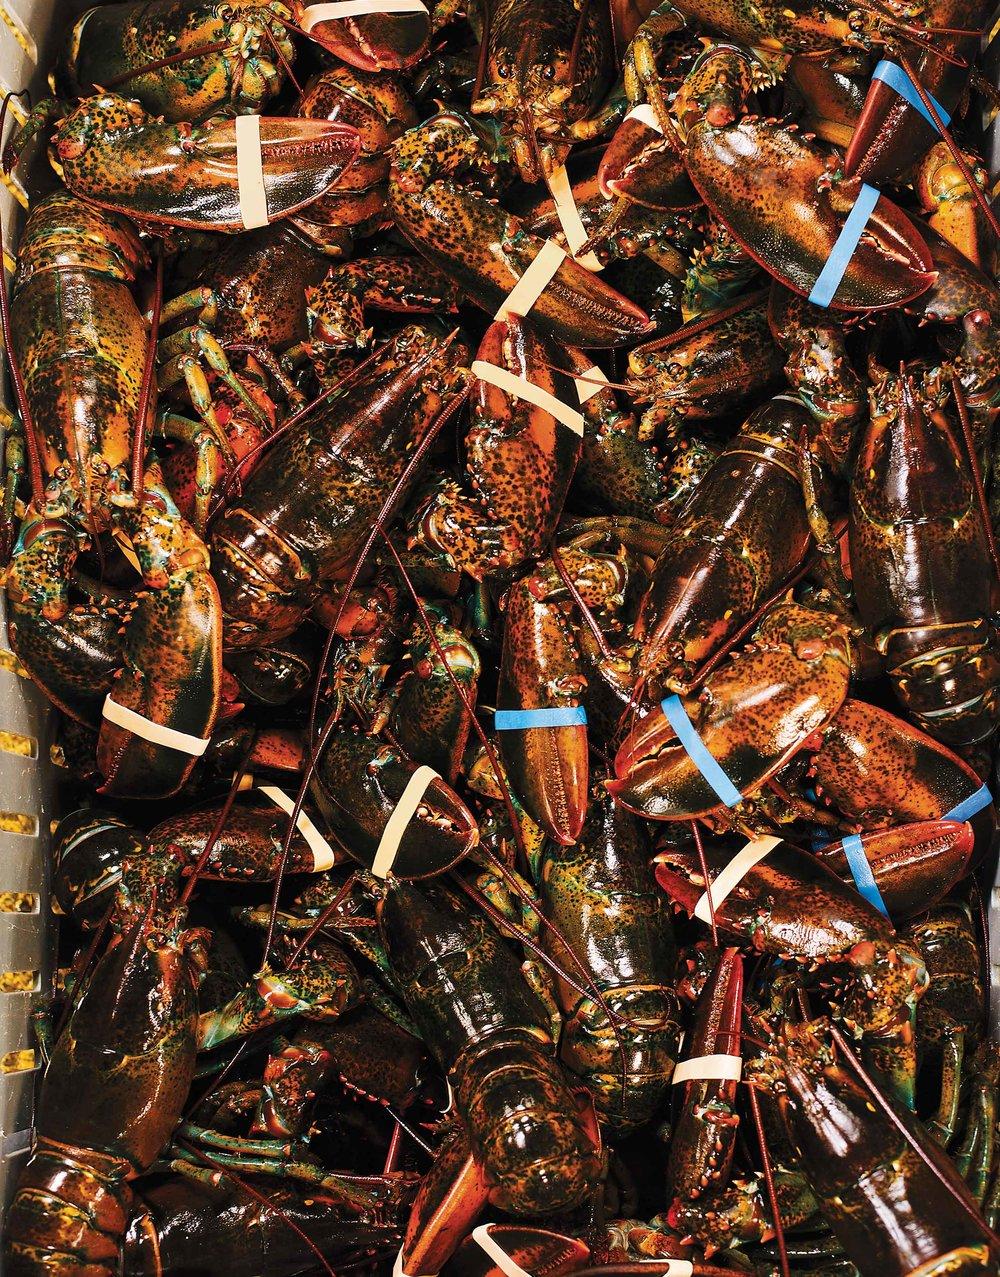 Lobsters2